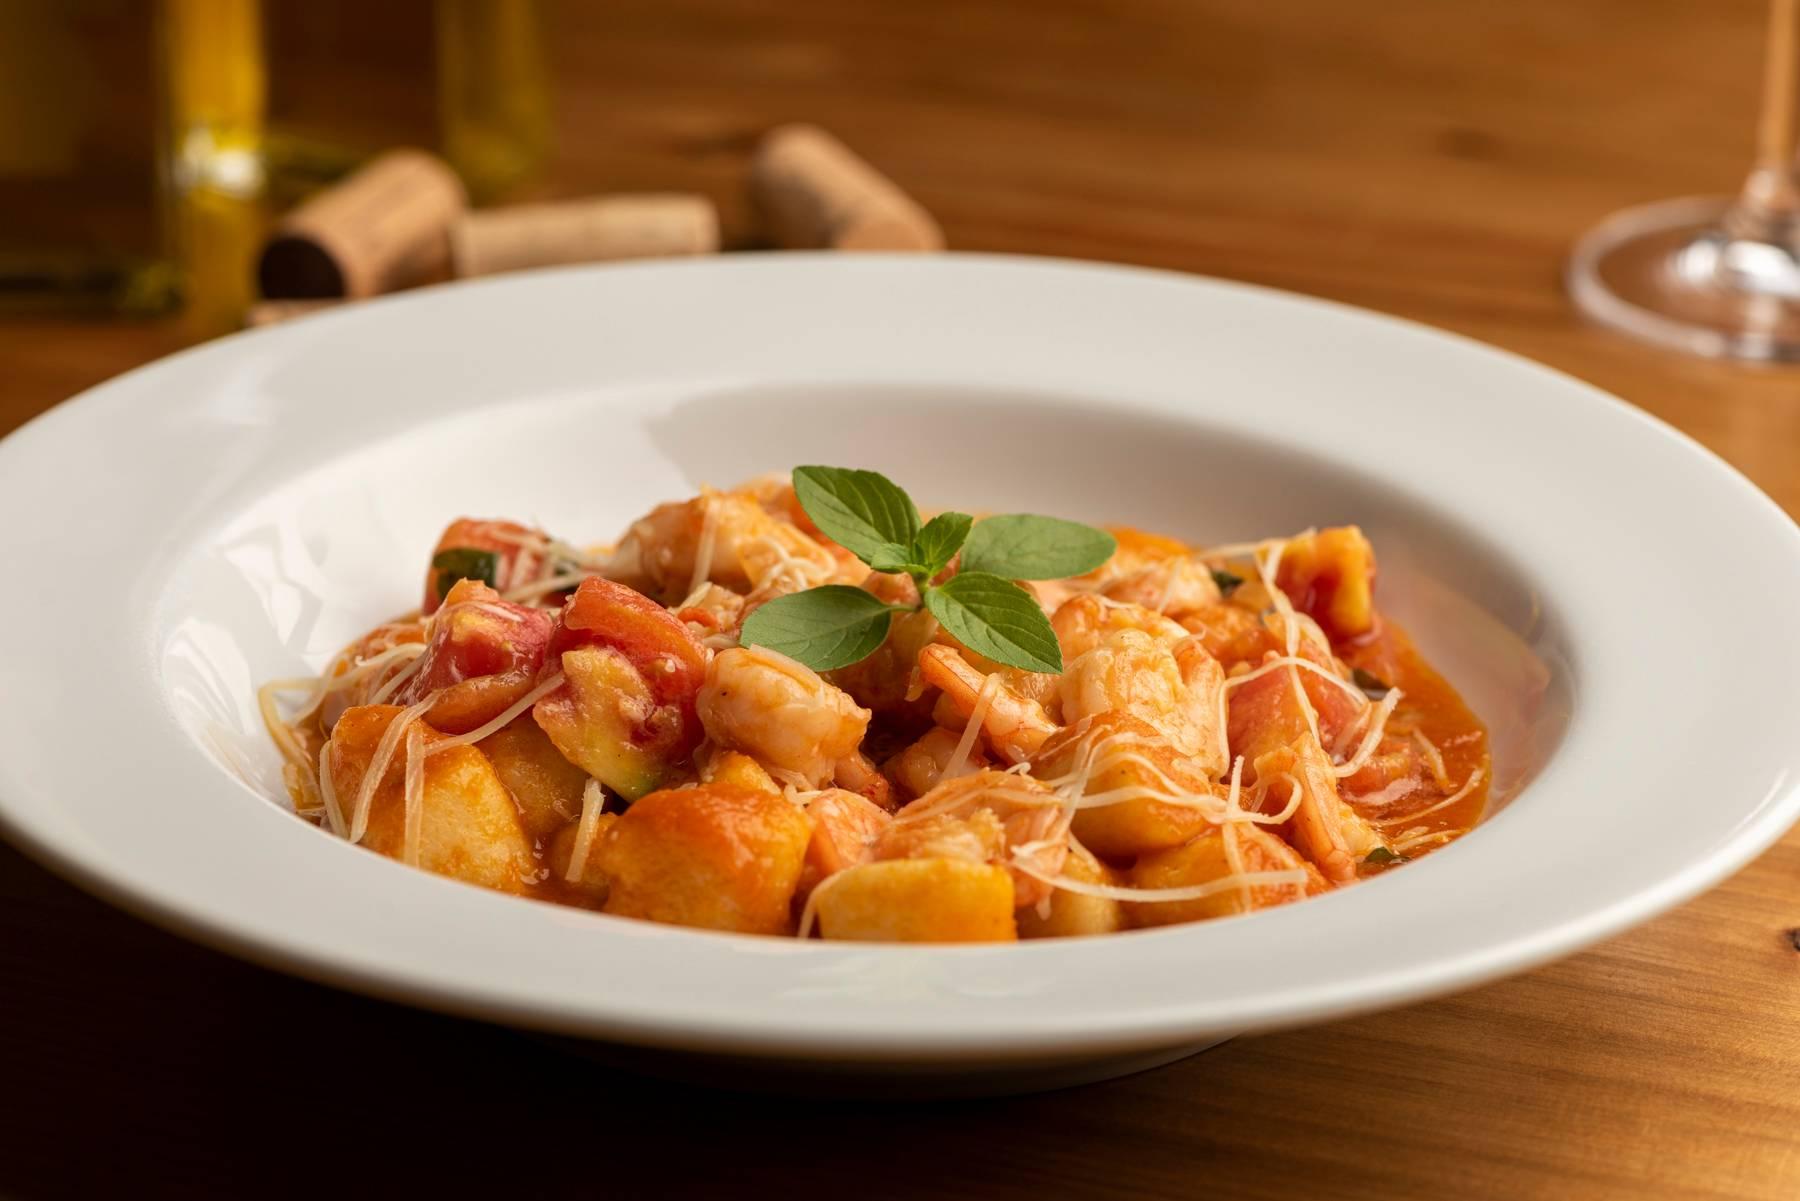 Nhoque ao molho sugo com camarões e manjericão é outra opção para almoço e jantar no Bar do Victor.